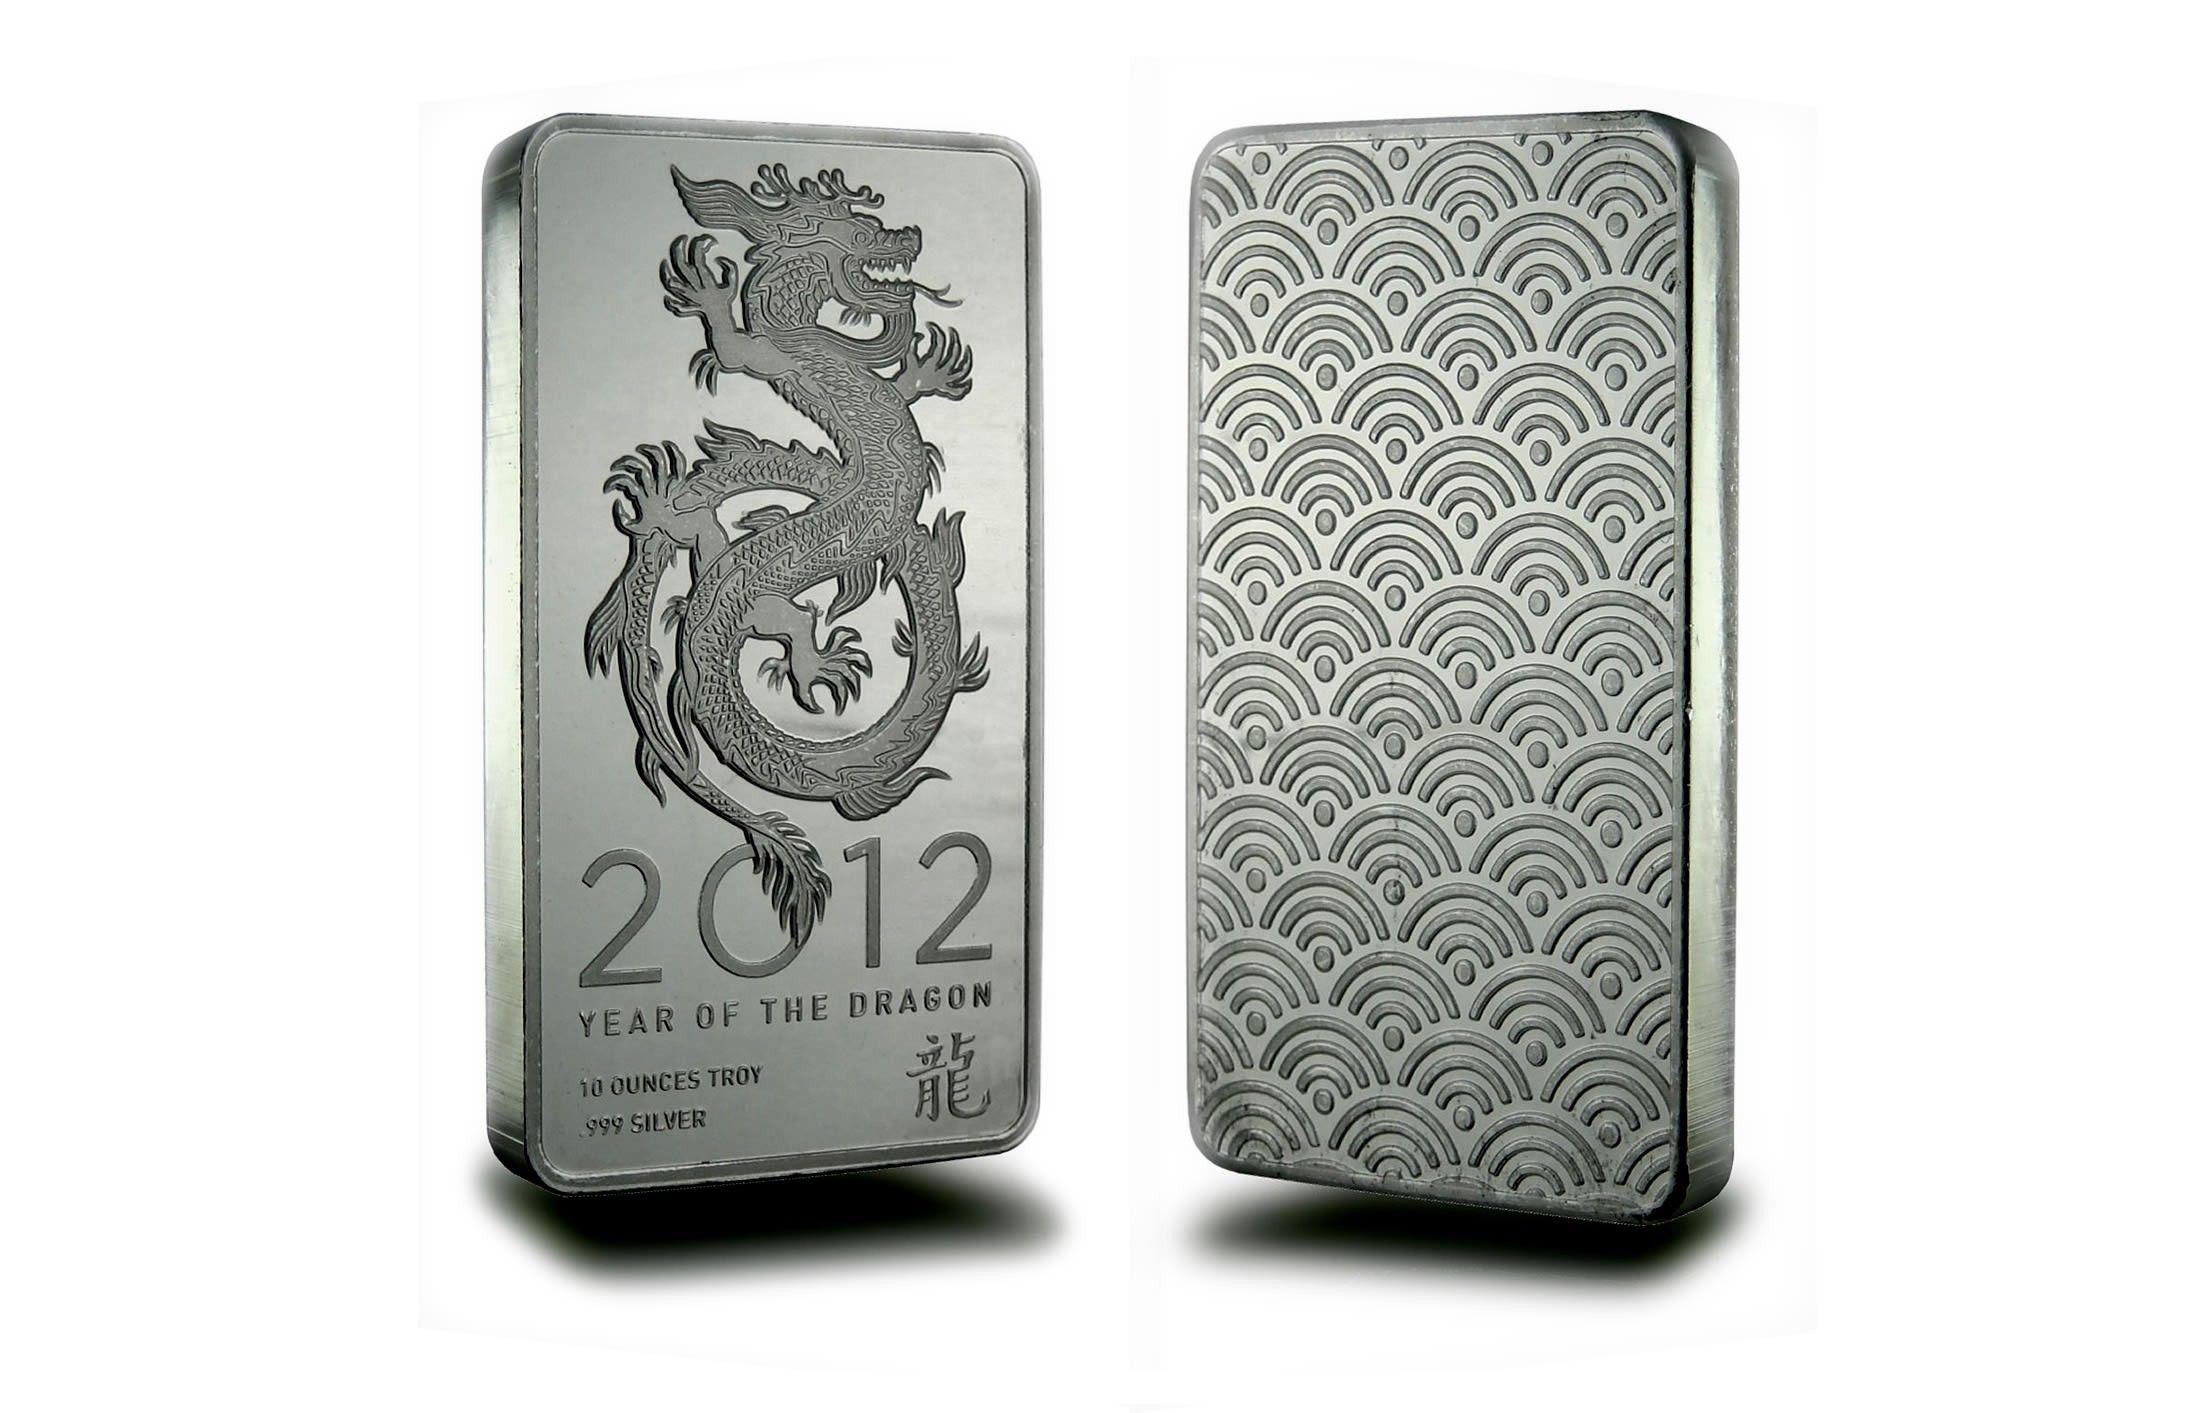 2012 Year Of The Dragon 10 Oz Silver Bar 999 Fine Silver Bars Silver Bullion Year Of The Dragon